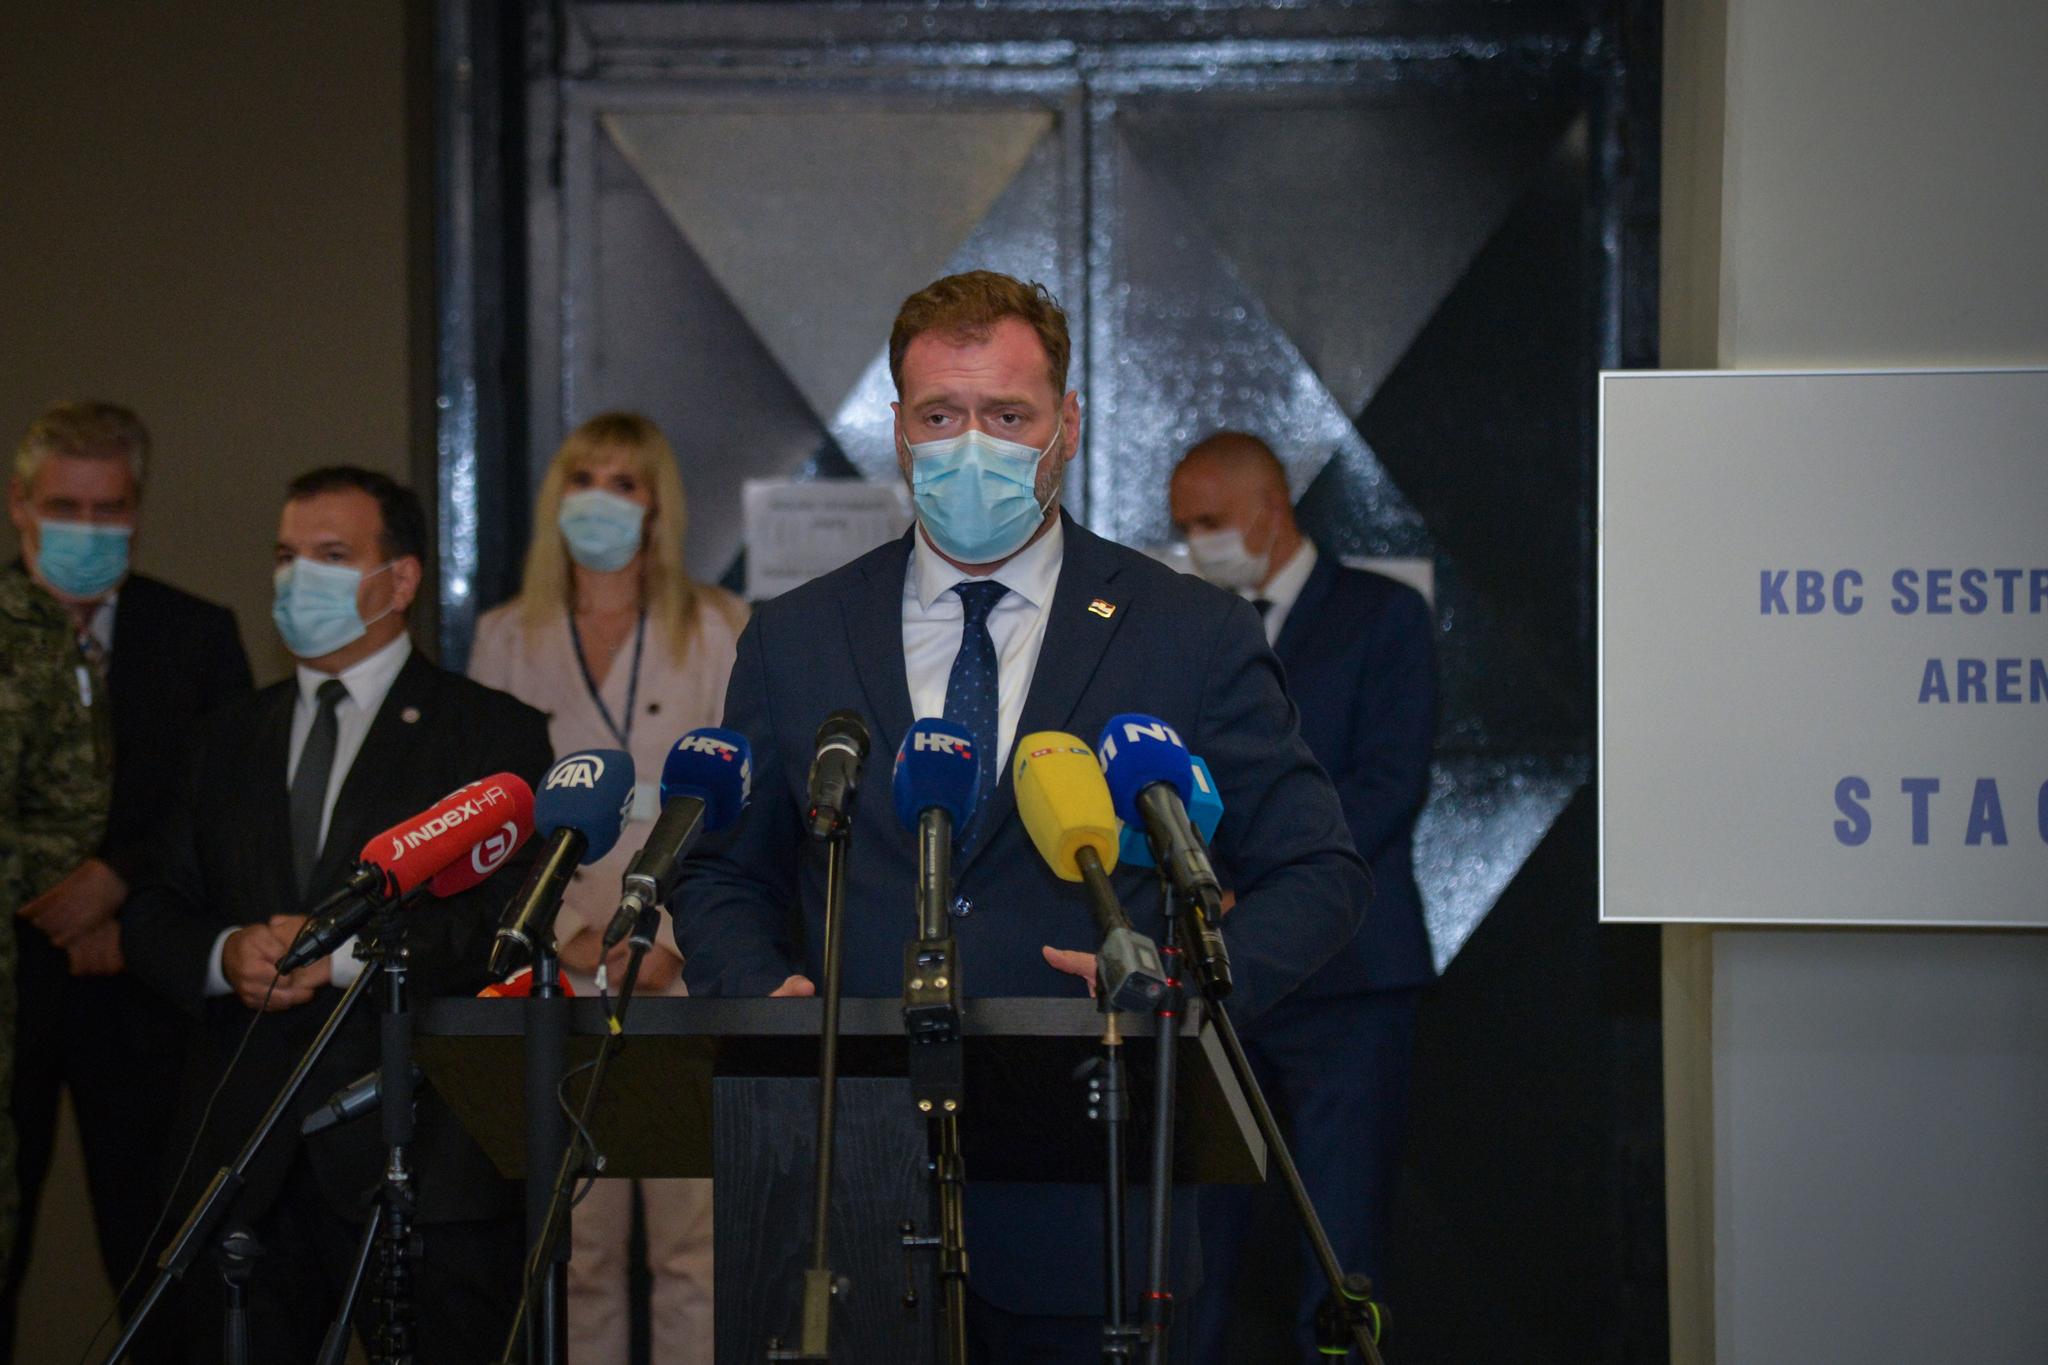 Ministar Banožić na predstavljanju stacionara u Areni Zagreb